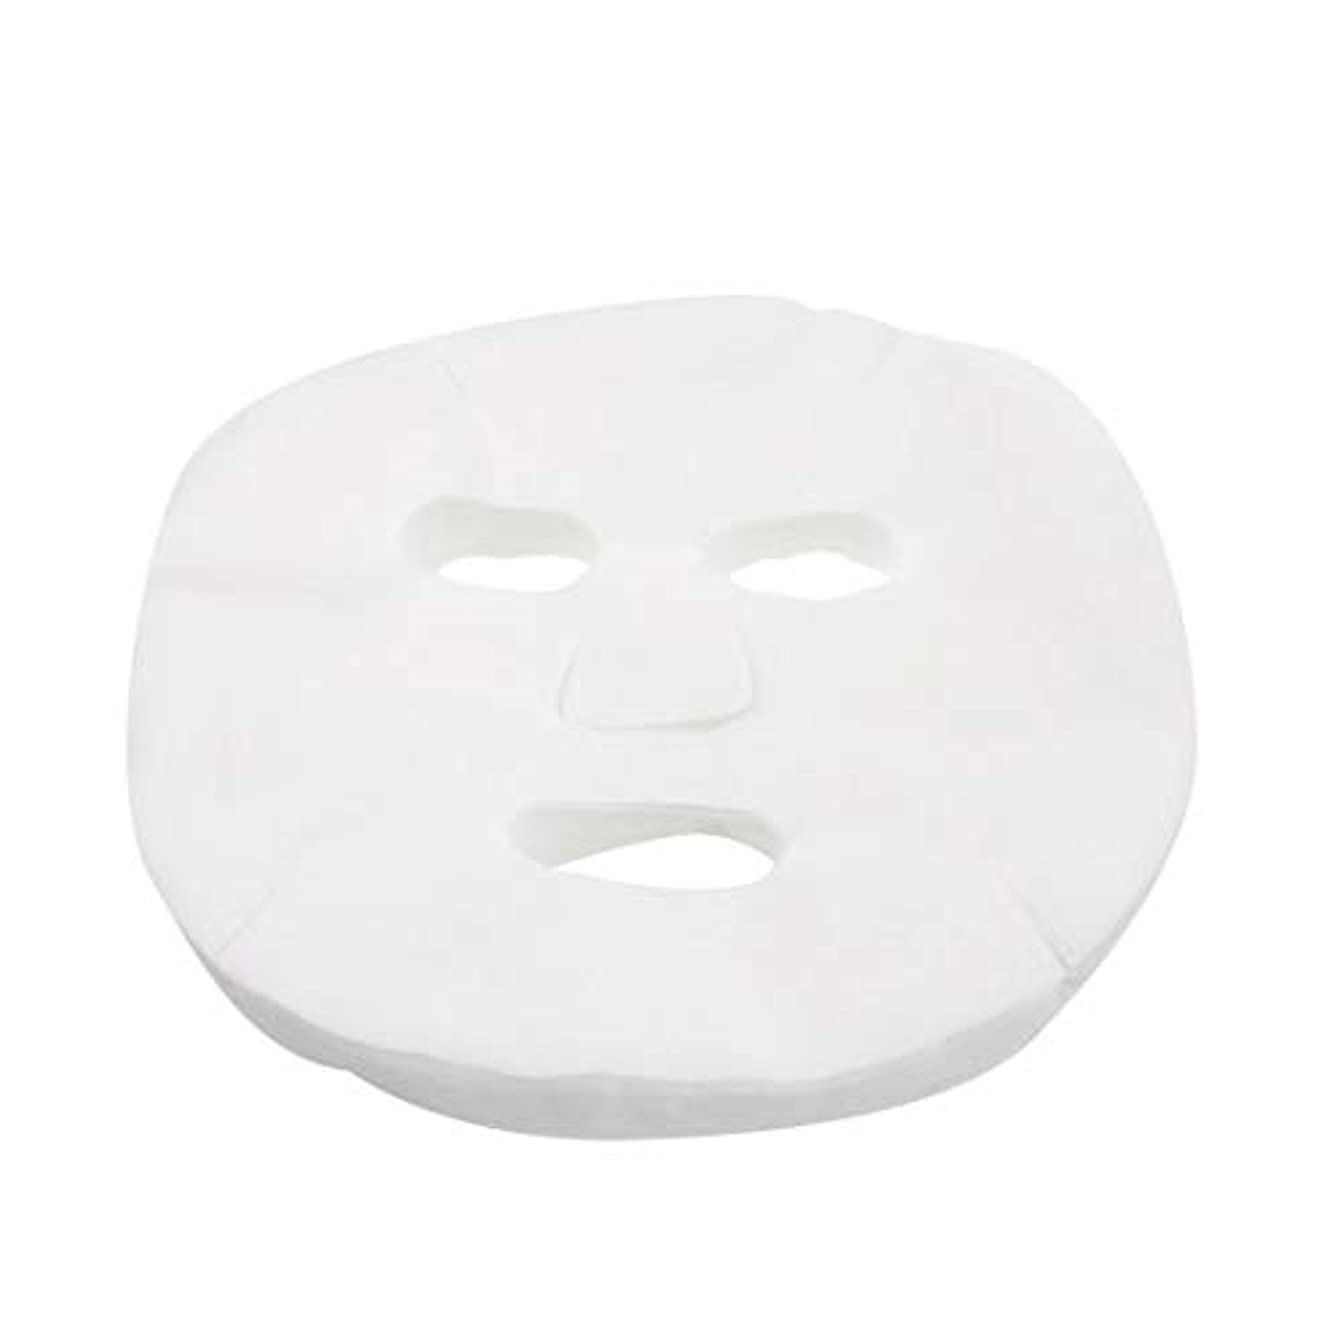 先行する眩惑するあなたが良くなりますCUHAWUDBA 1バッグ(60個) DIYプロフェッショナルスキンケア化粧品 コットンフェイシャルマスクシート レディース - ホワイト